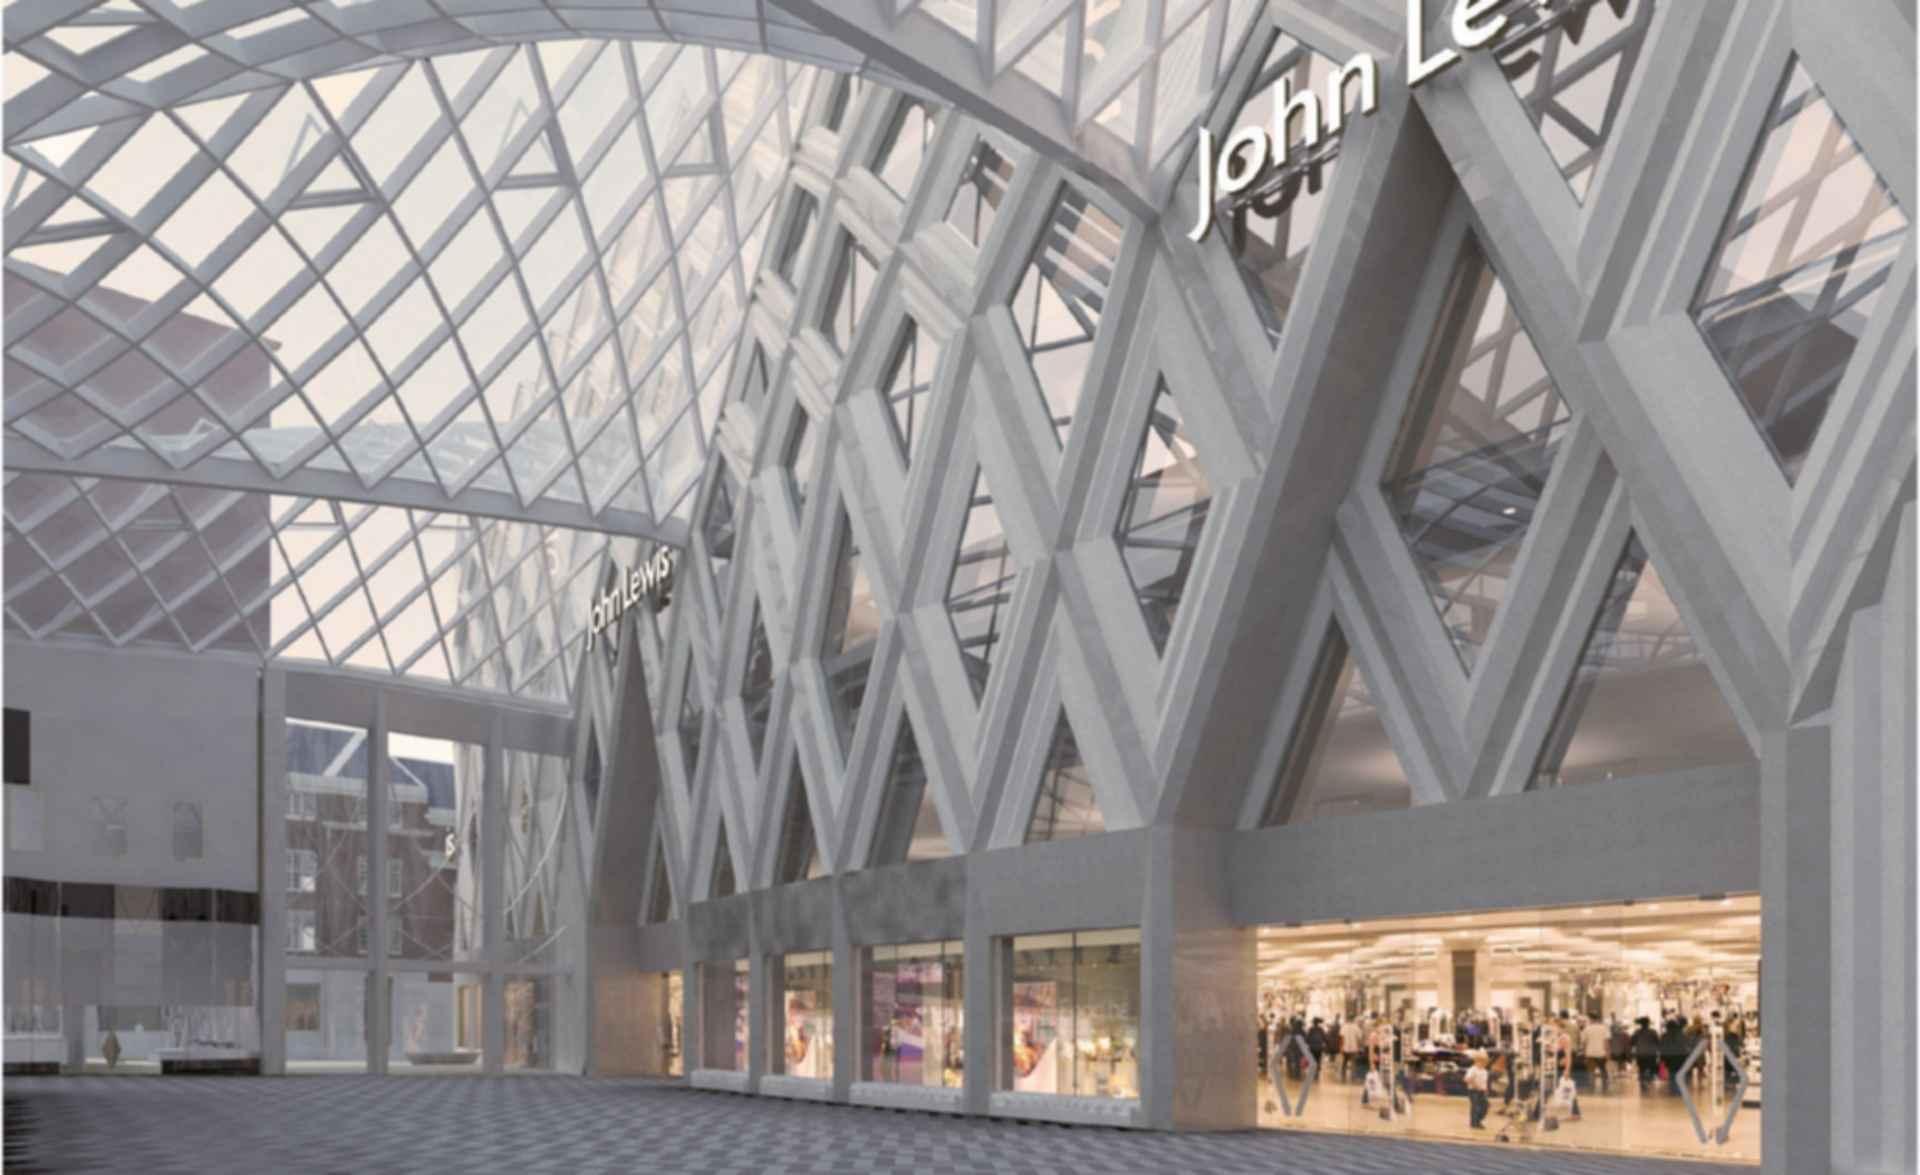 Victoria Gate - concept design